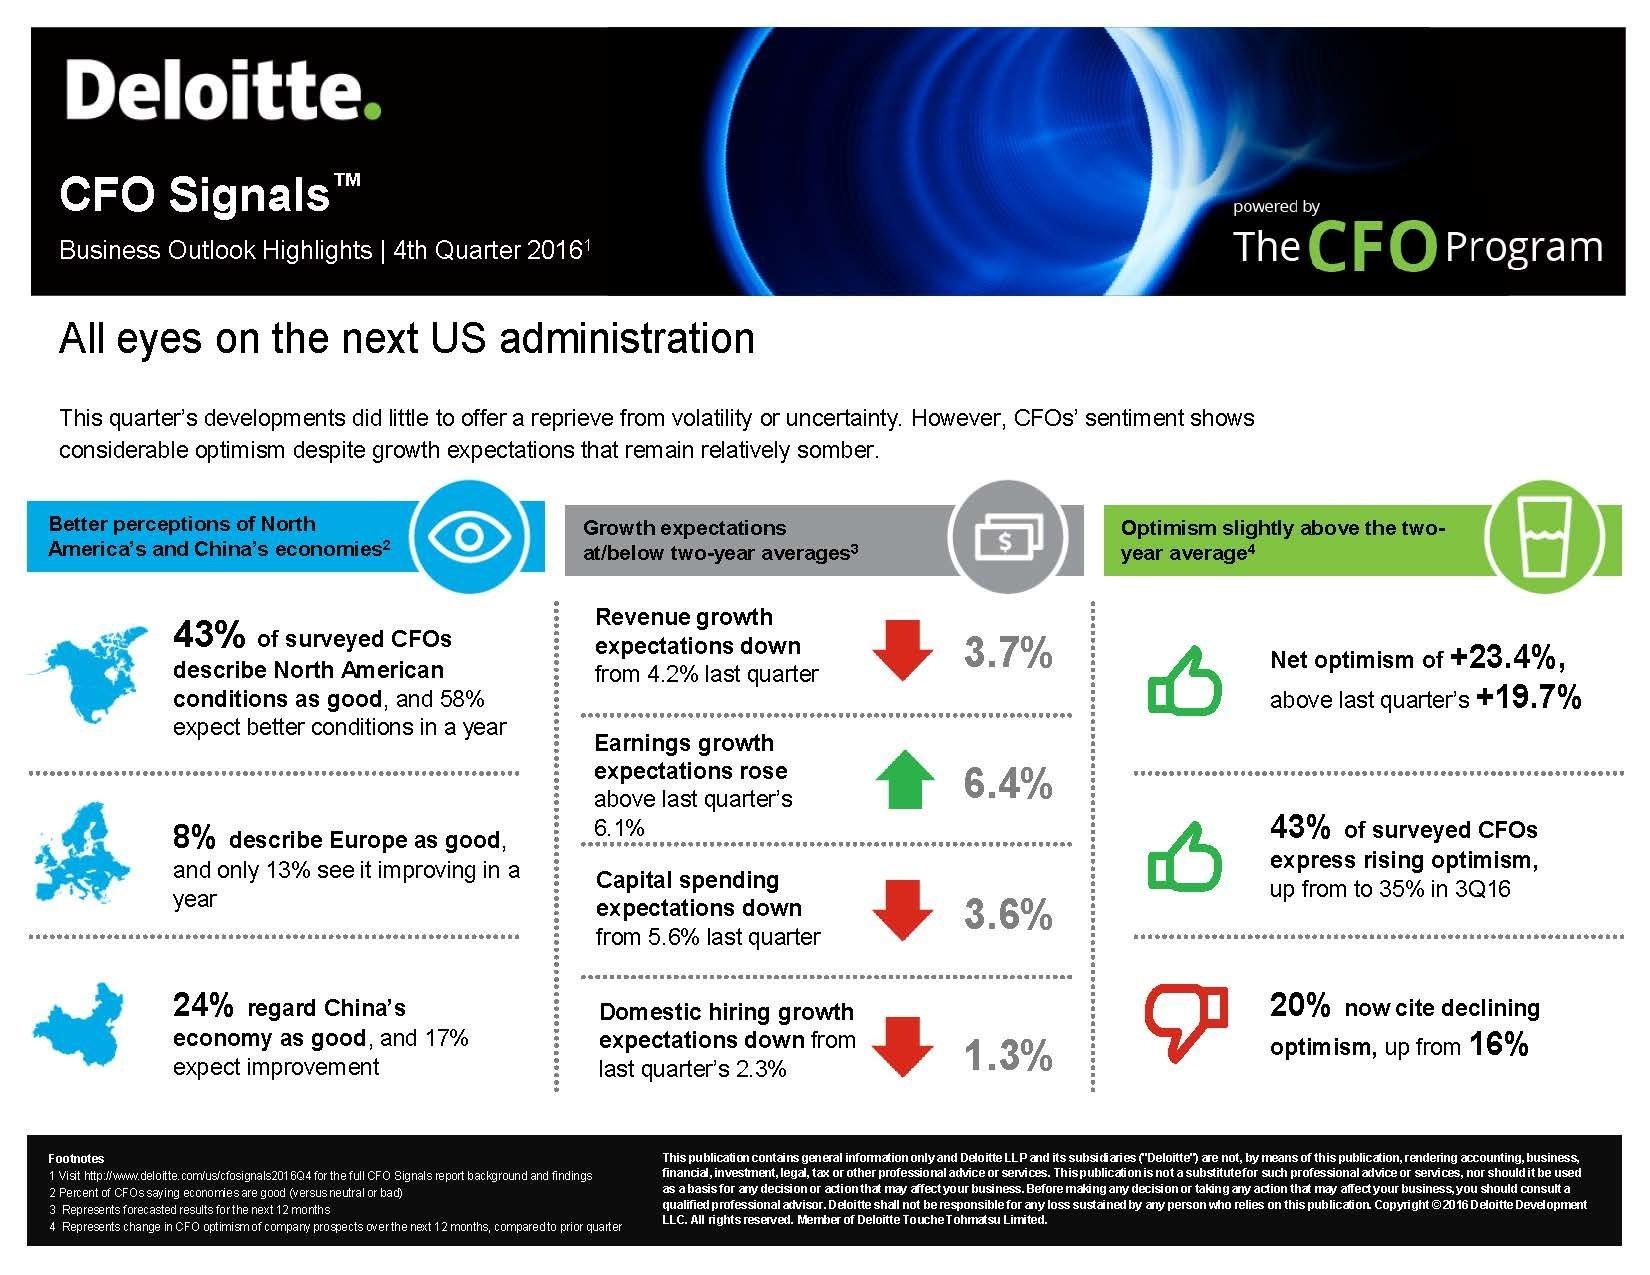 Deloitte CFO Signals Q4 2016: Business Outlook Highlights